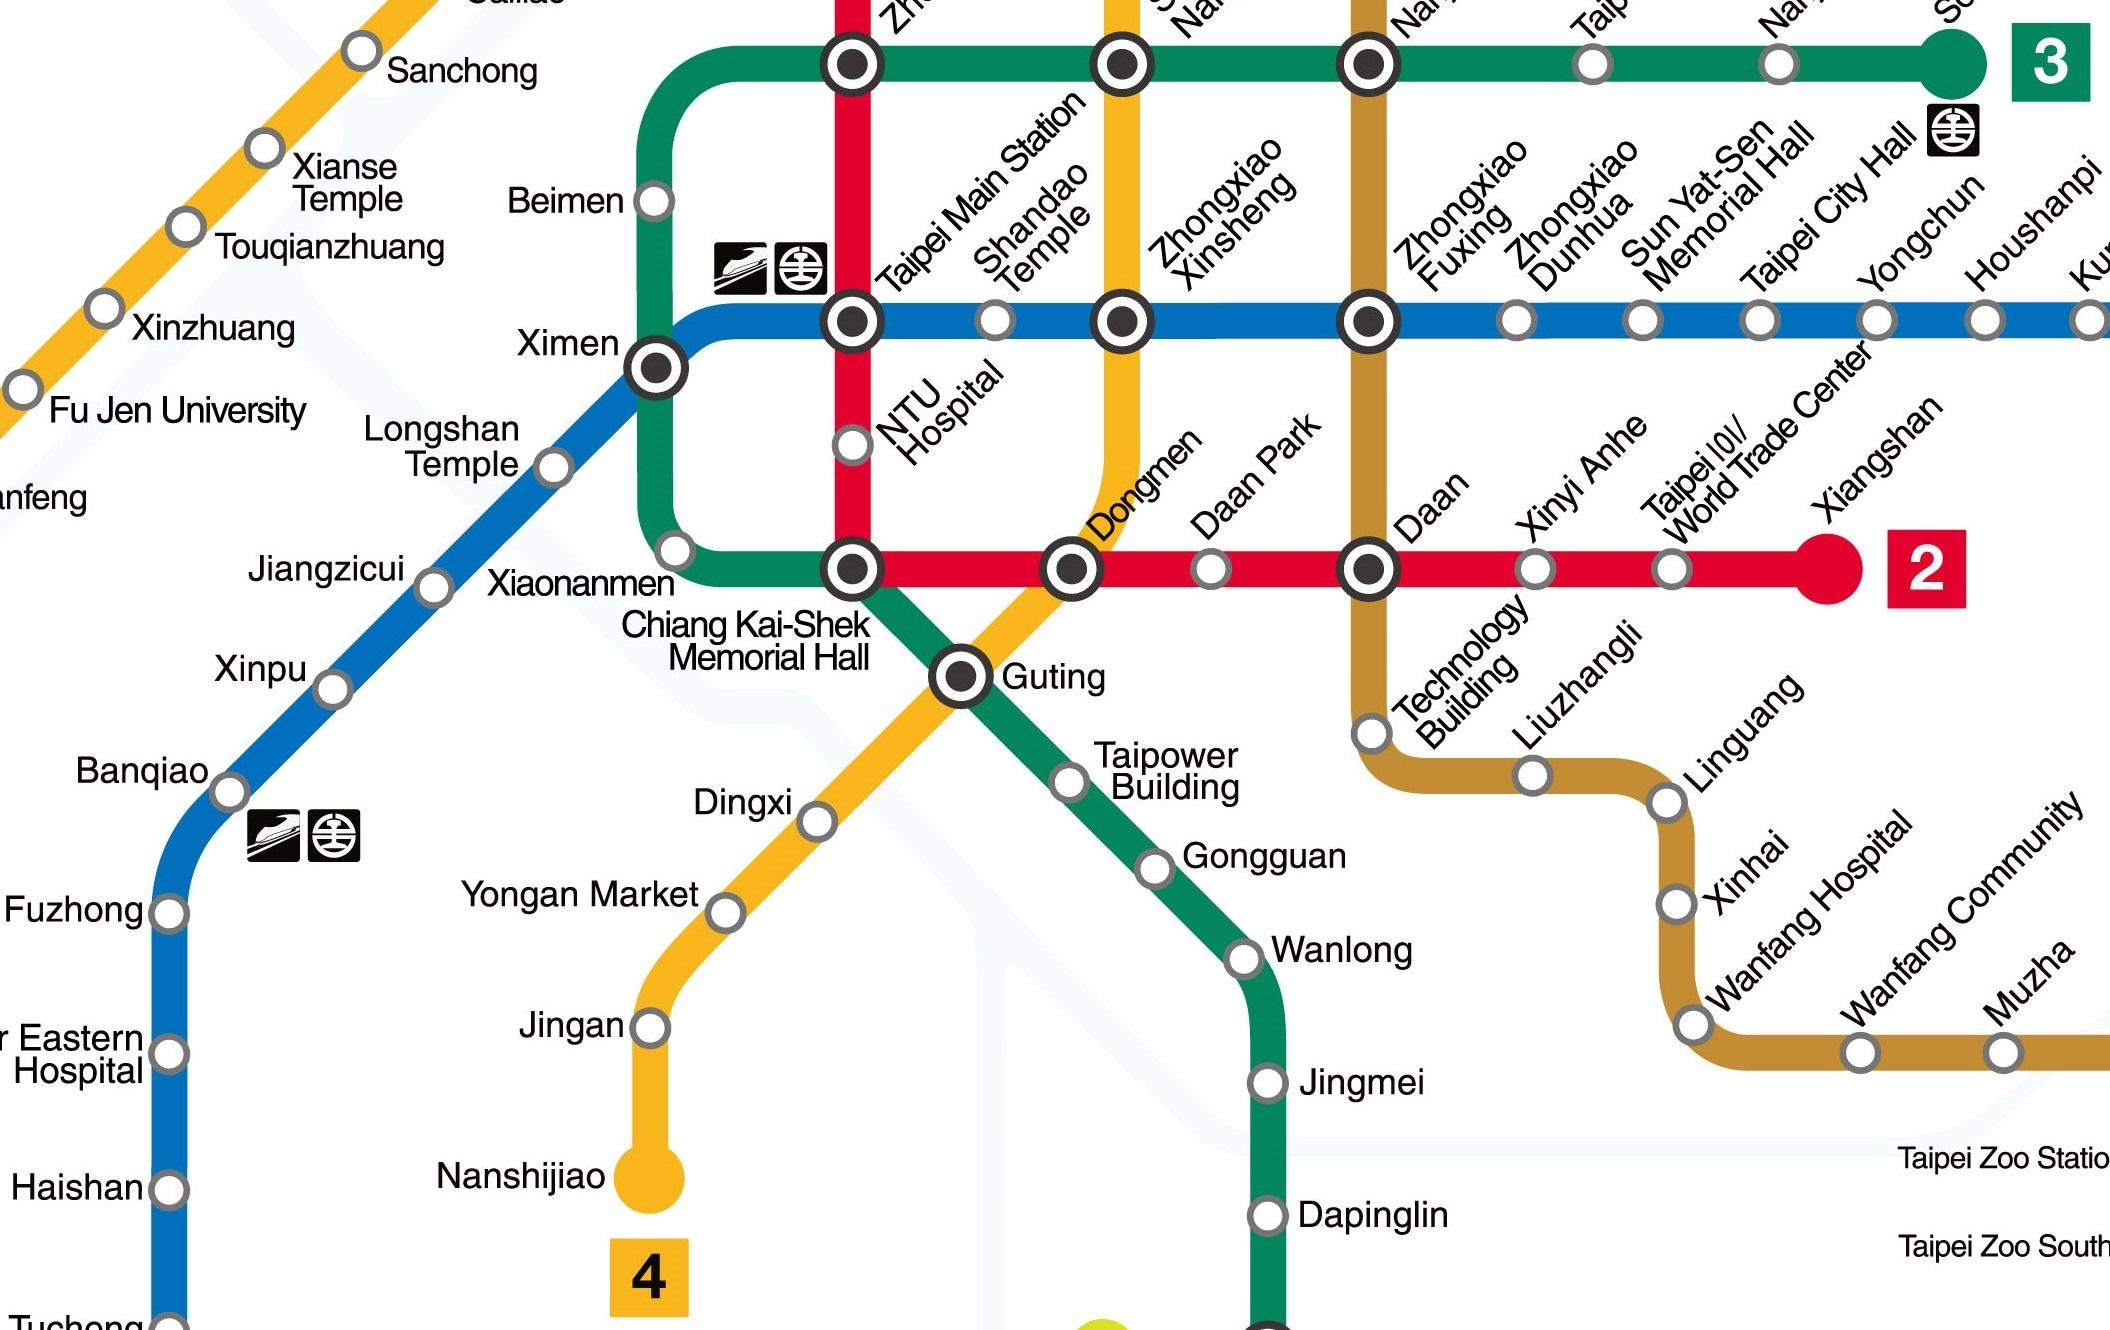 ขึ้นรถไฟ MRT สายที่4 สายสีเหลือง ไปลงที่ สถานี